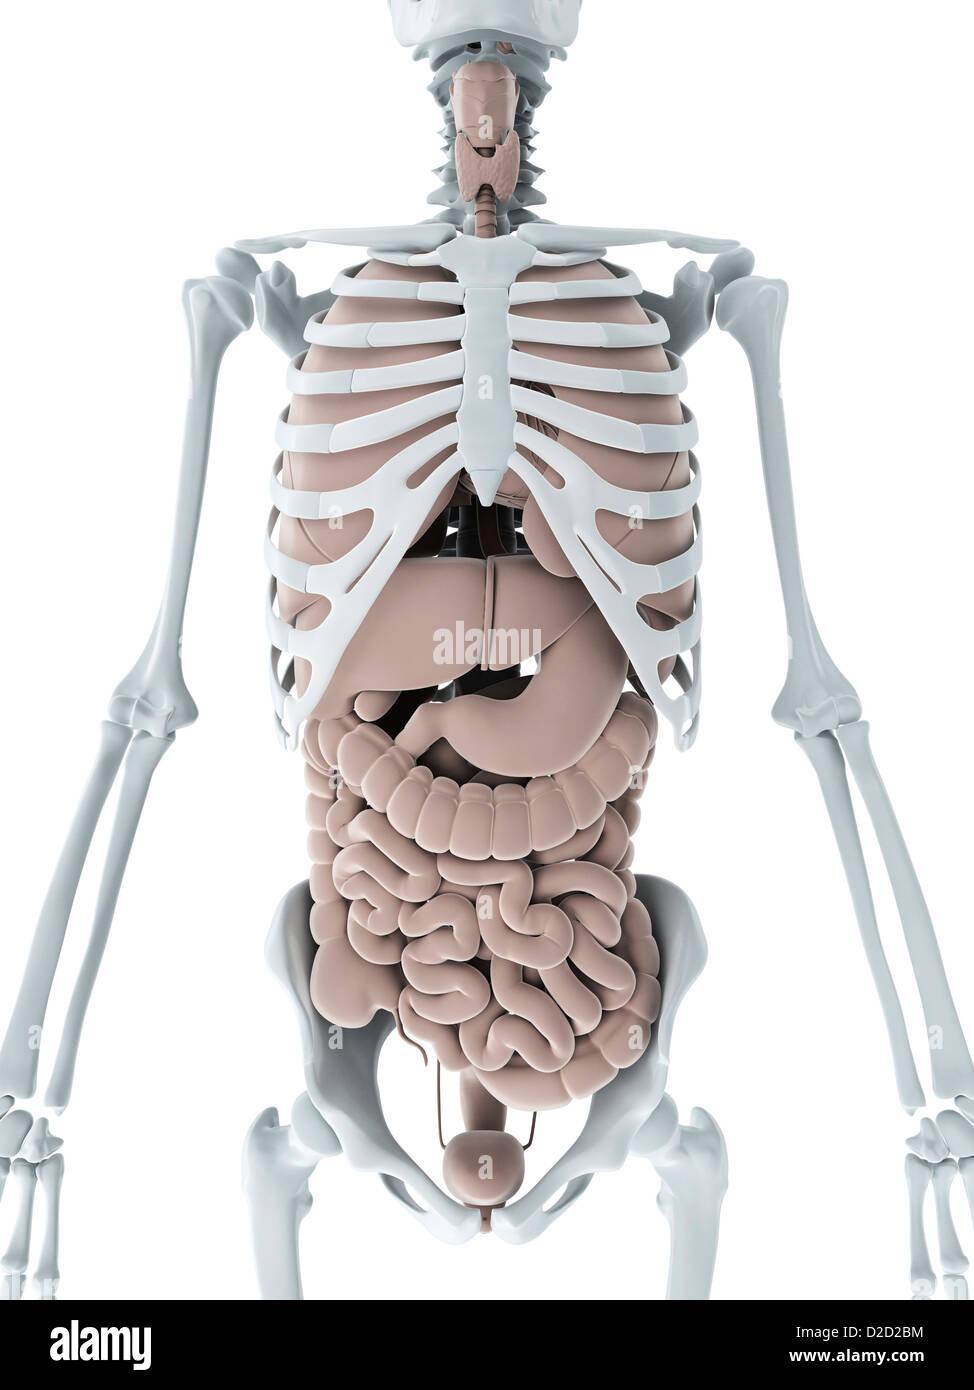 Wunderbar Was Ist Die Menschliche Anatomie Galerie - Menschliche ...